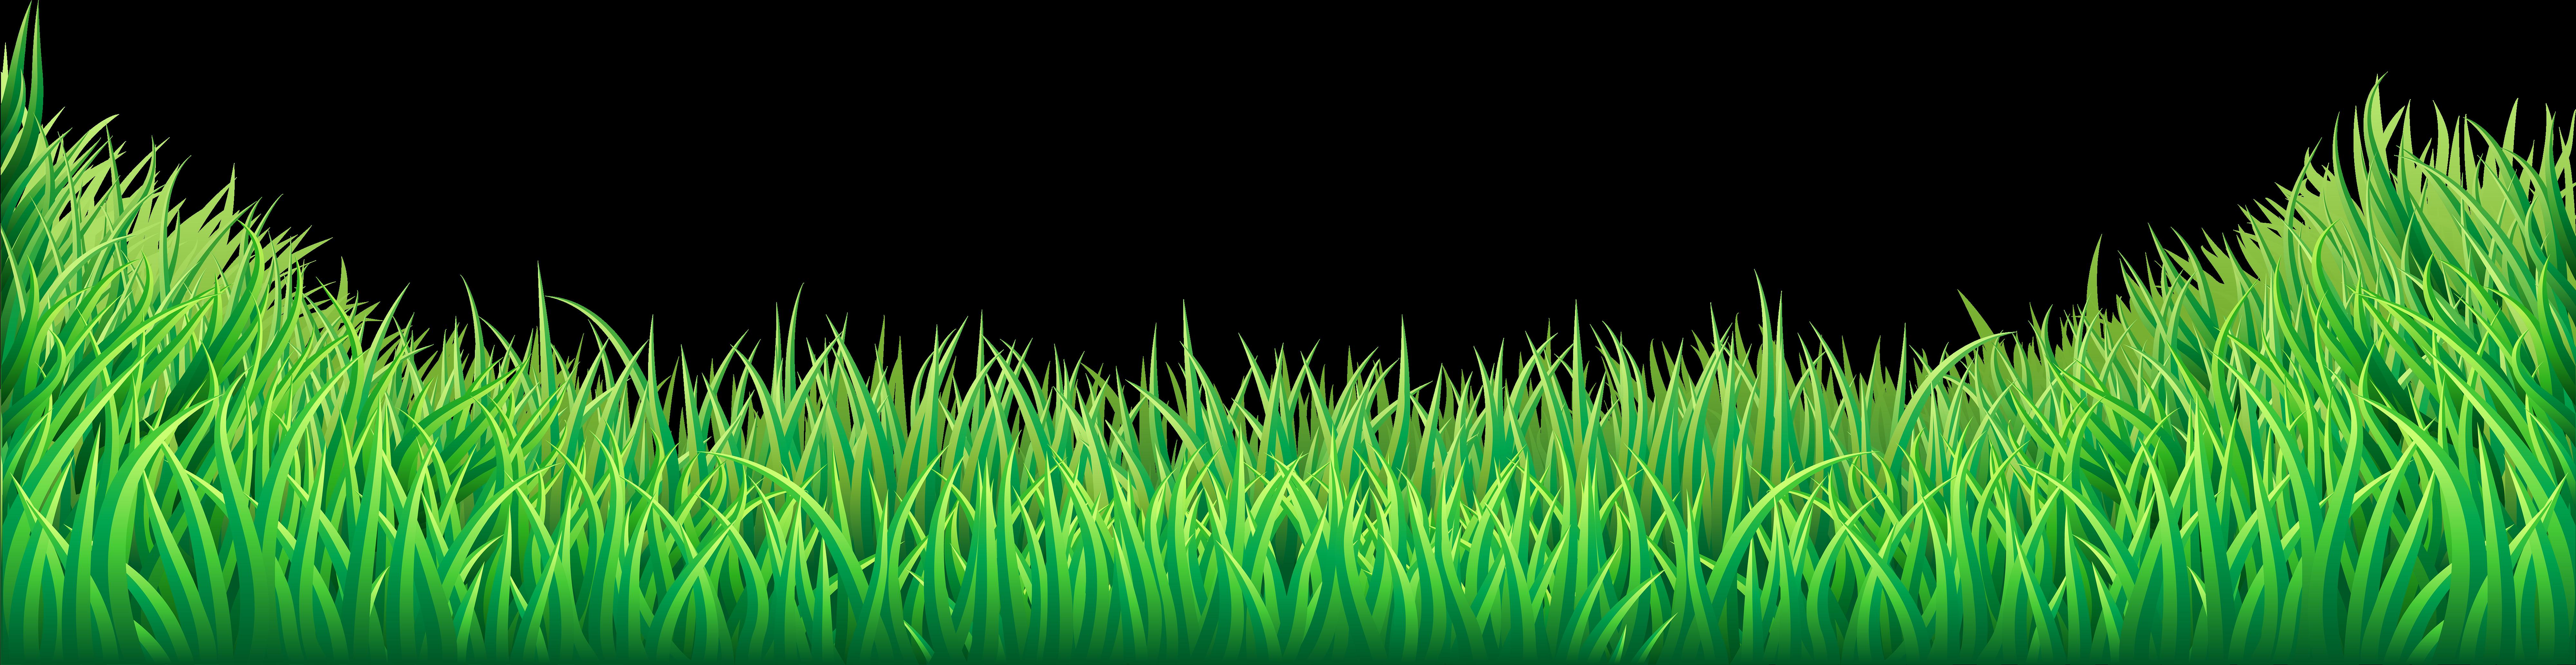 Grass Clipart Piece.